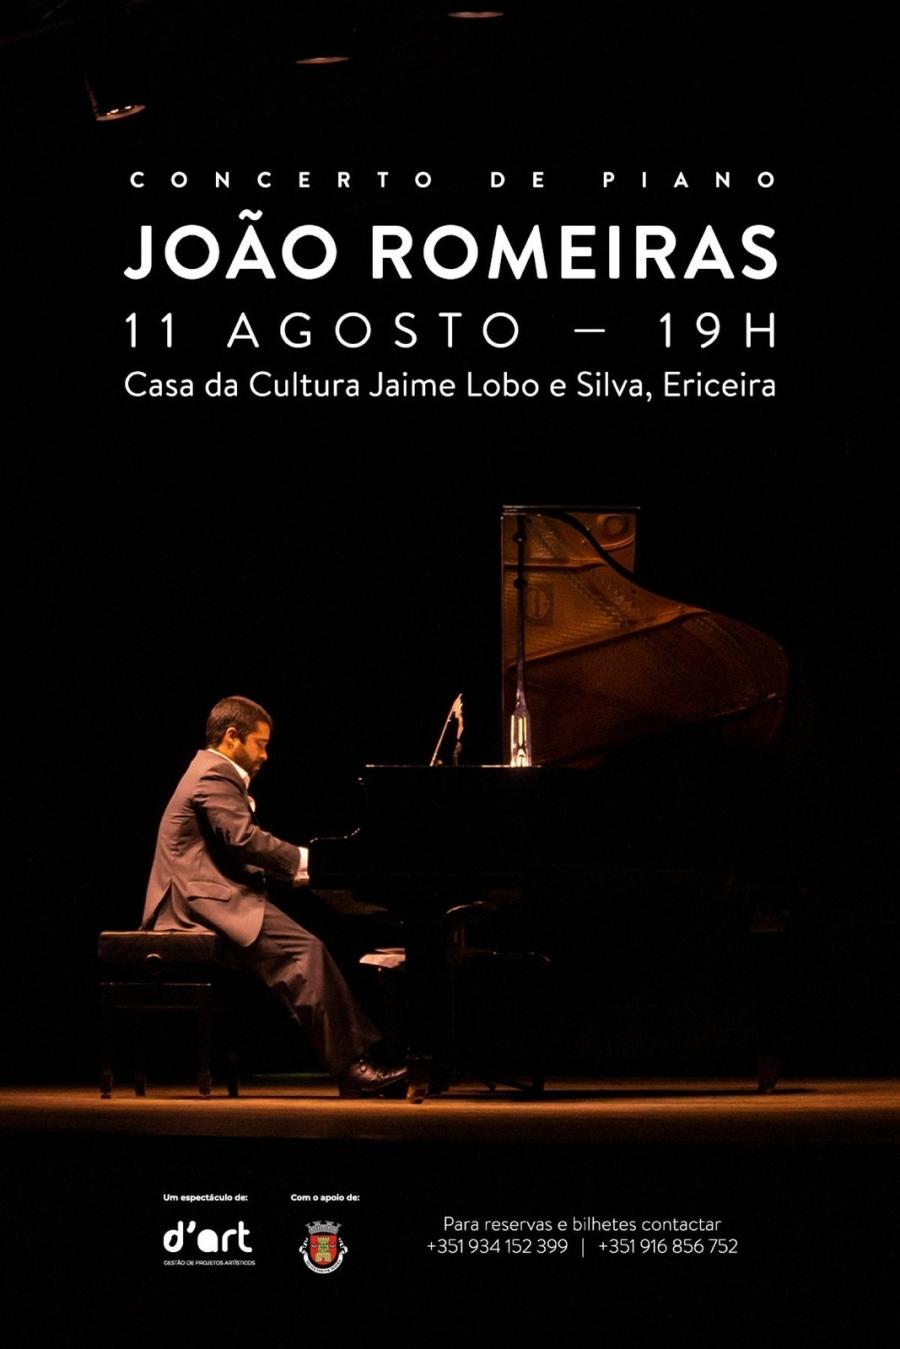 Concerto de Piano 'João Romeiras'